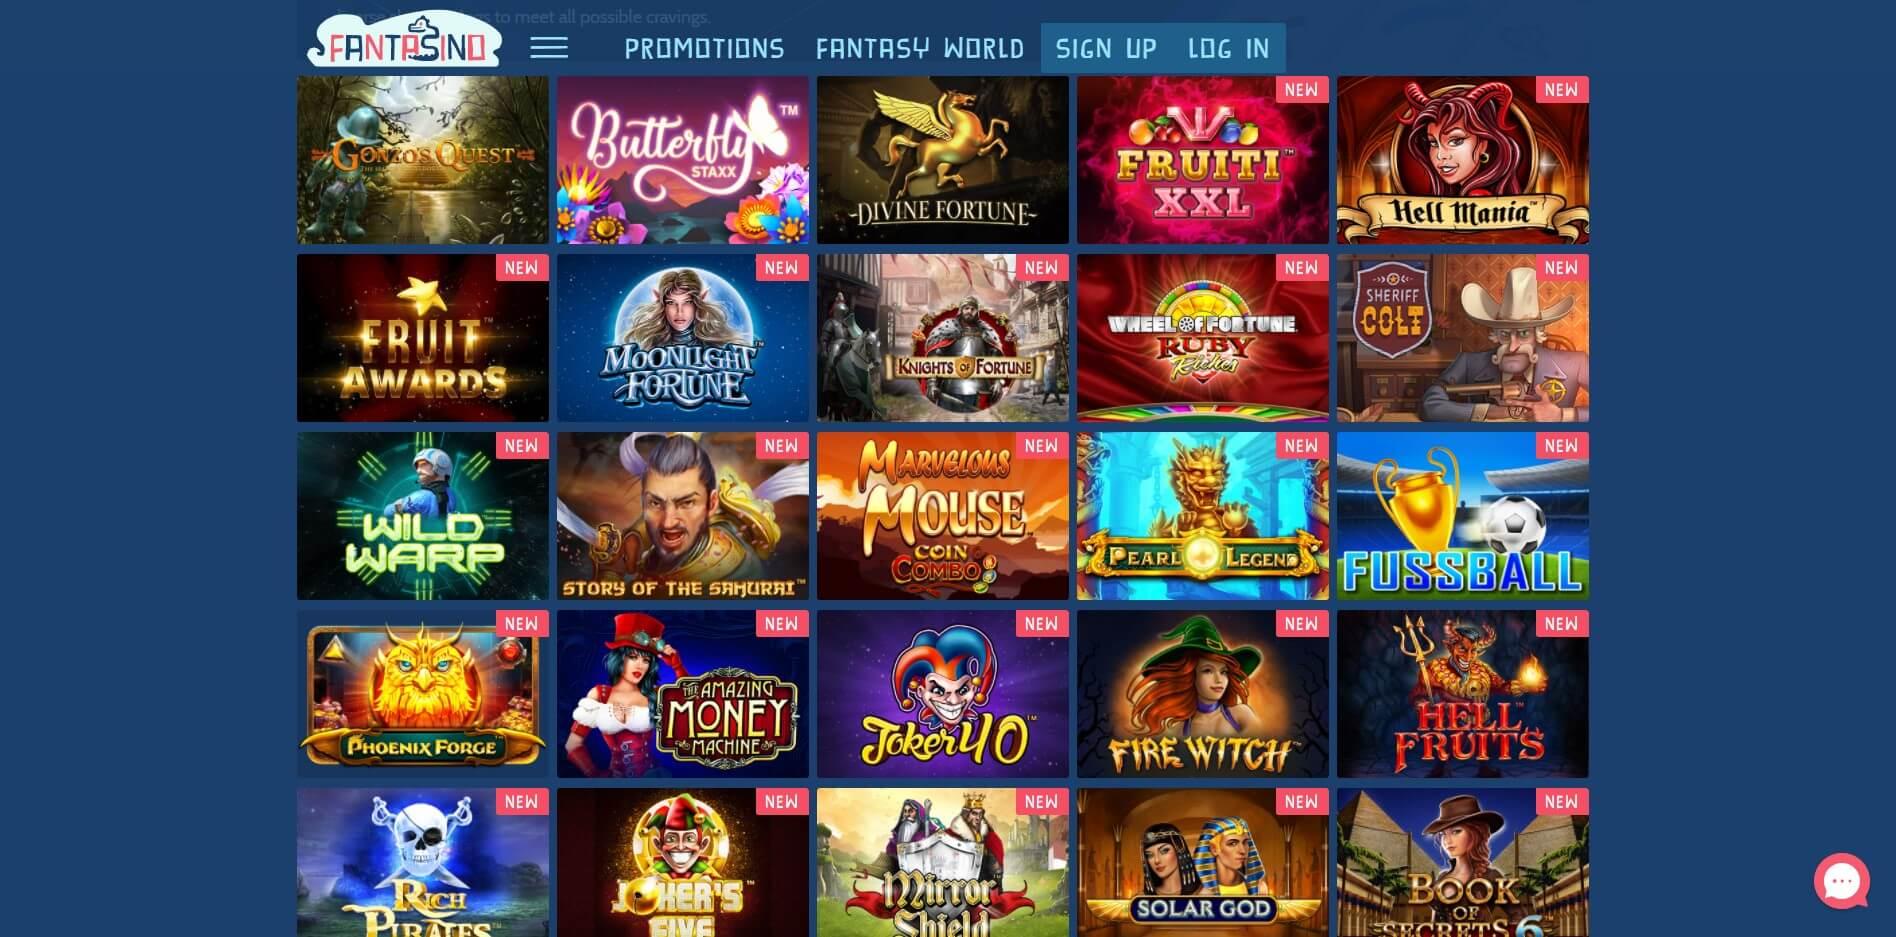 Games at Fantasino Casino